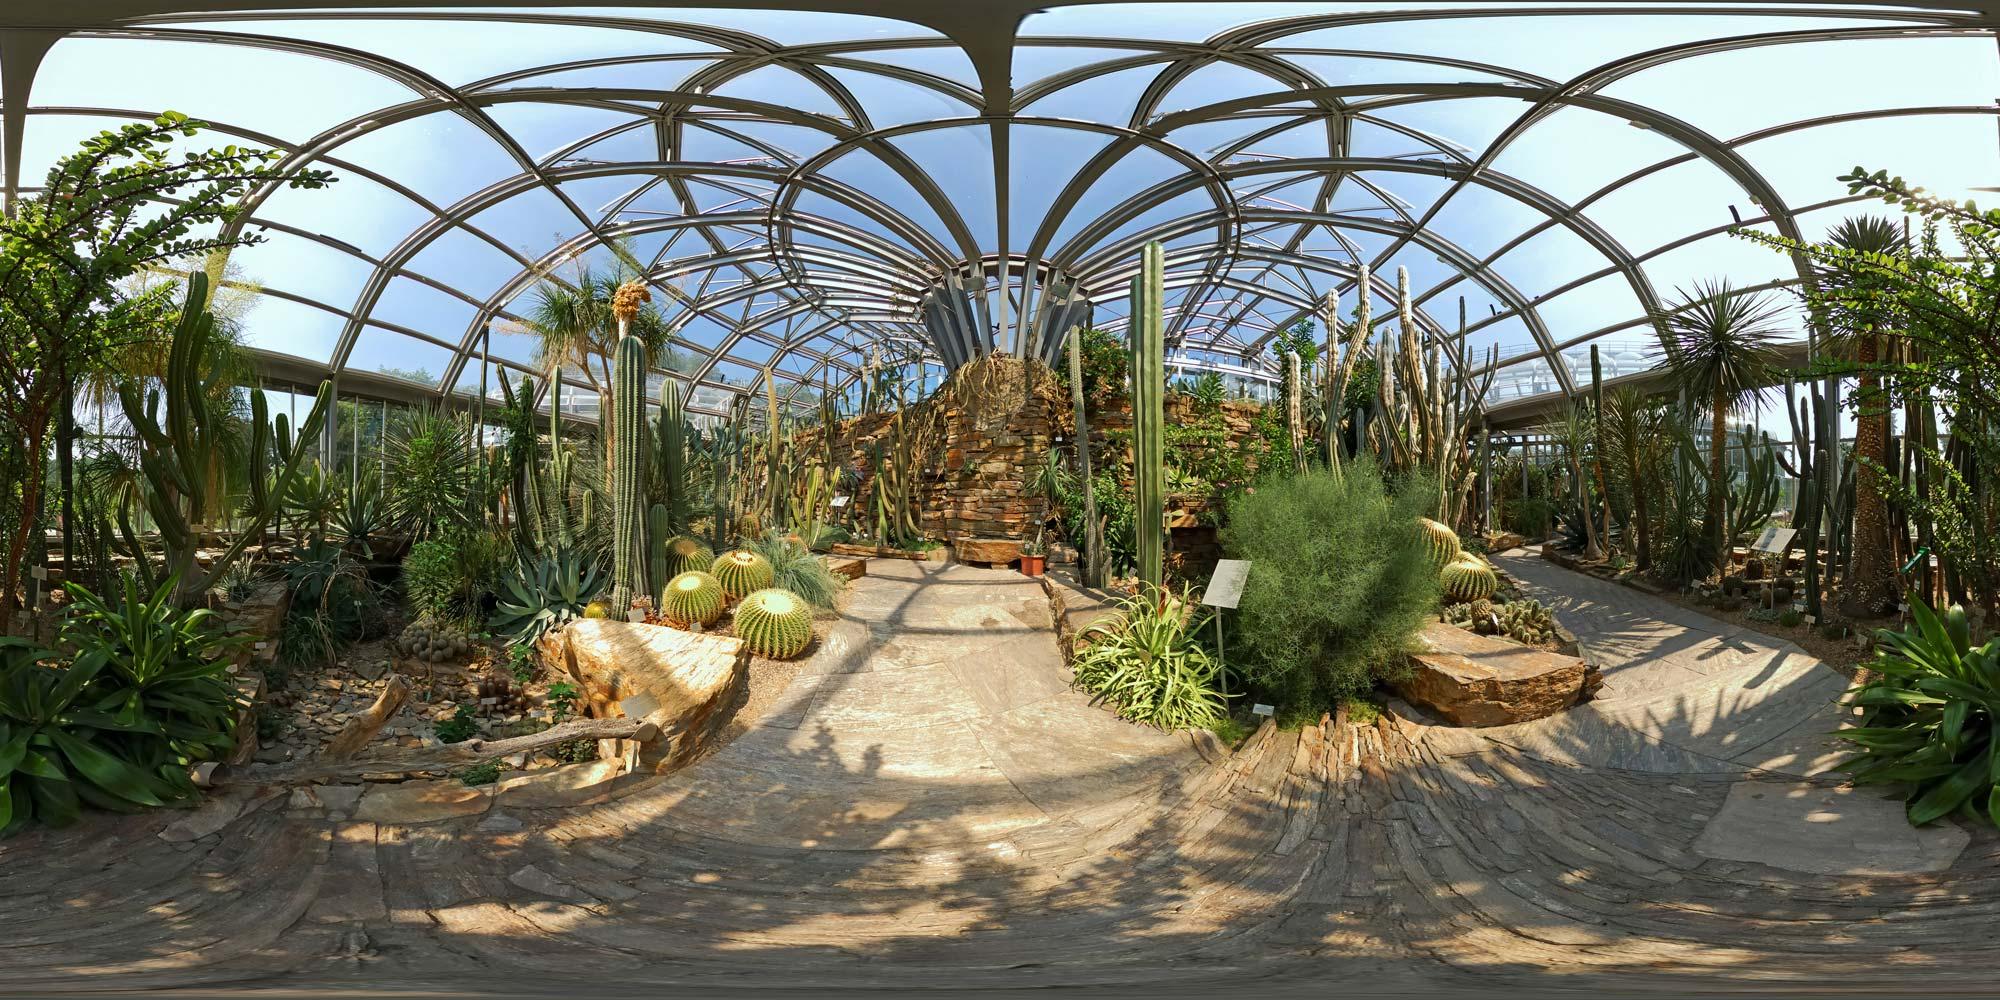 Kubische Panoramen - Panorama-Foto: Botanischer Garten - Kakteen 2